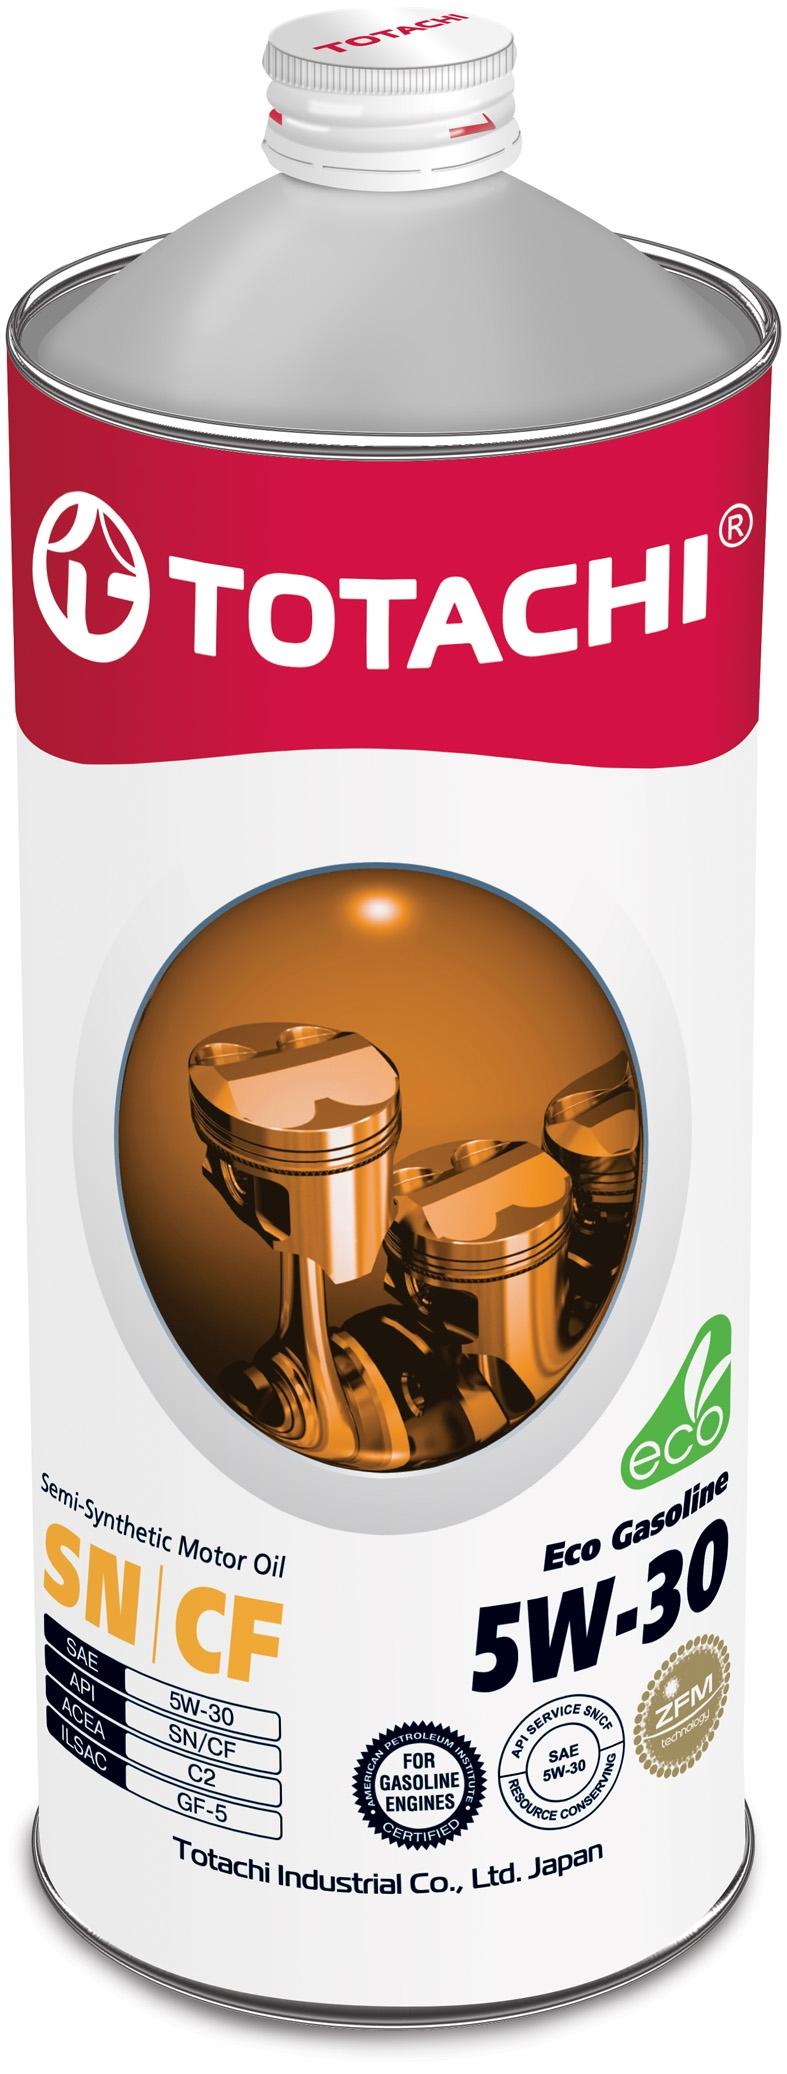 TOTACHI NIRO Eco Gasoline,5W-30, SN/CF, полусинтетика, 1л, Россия